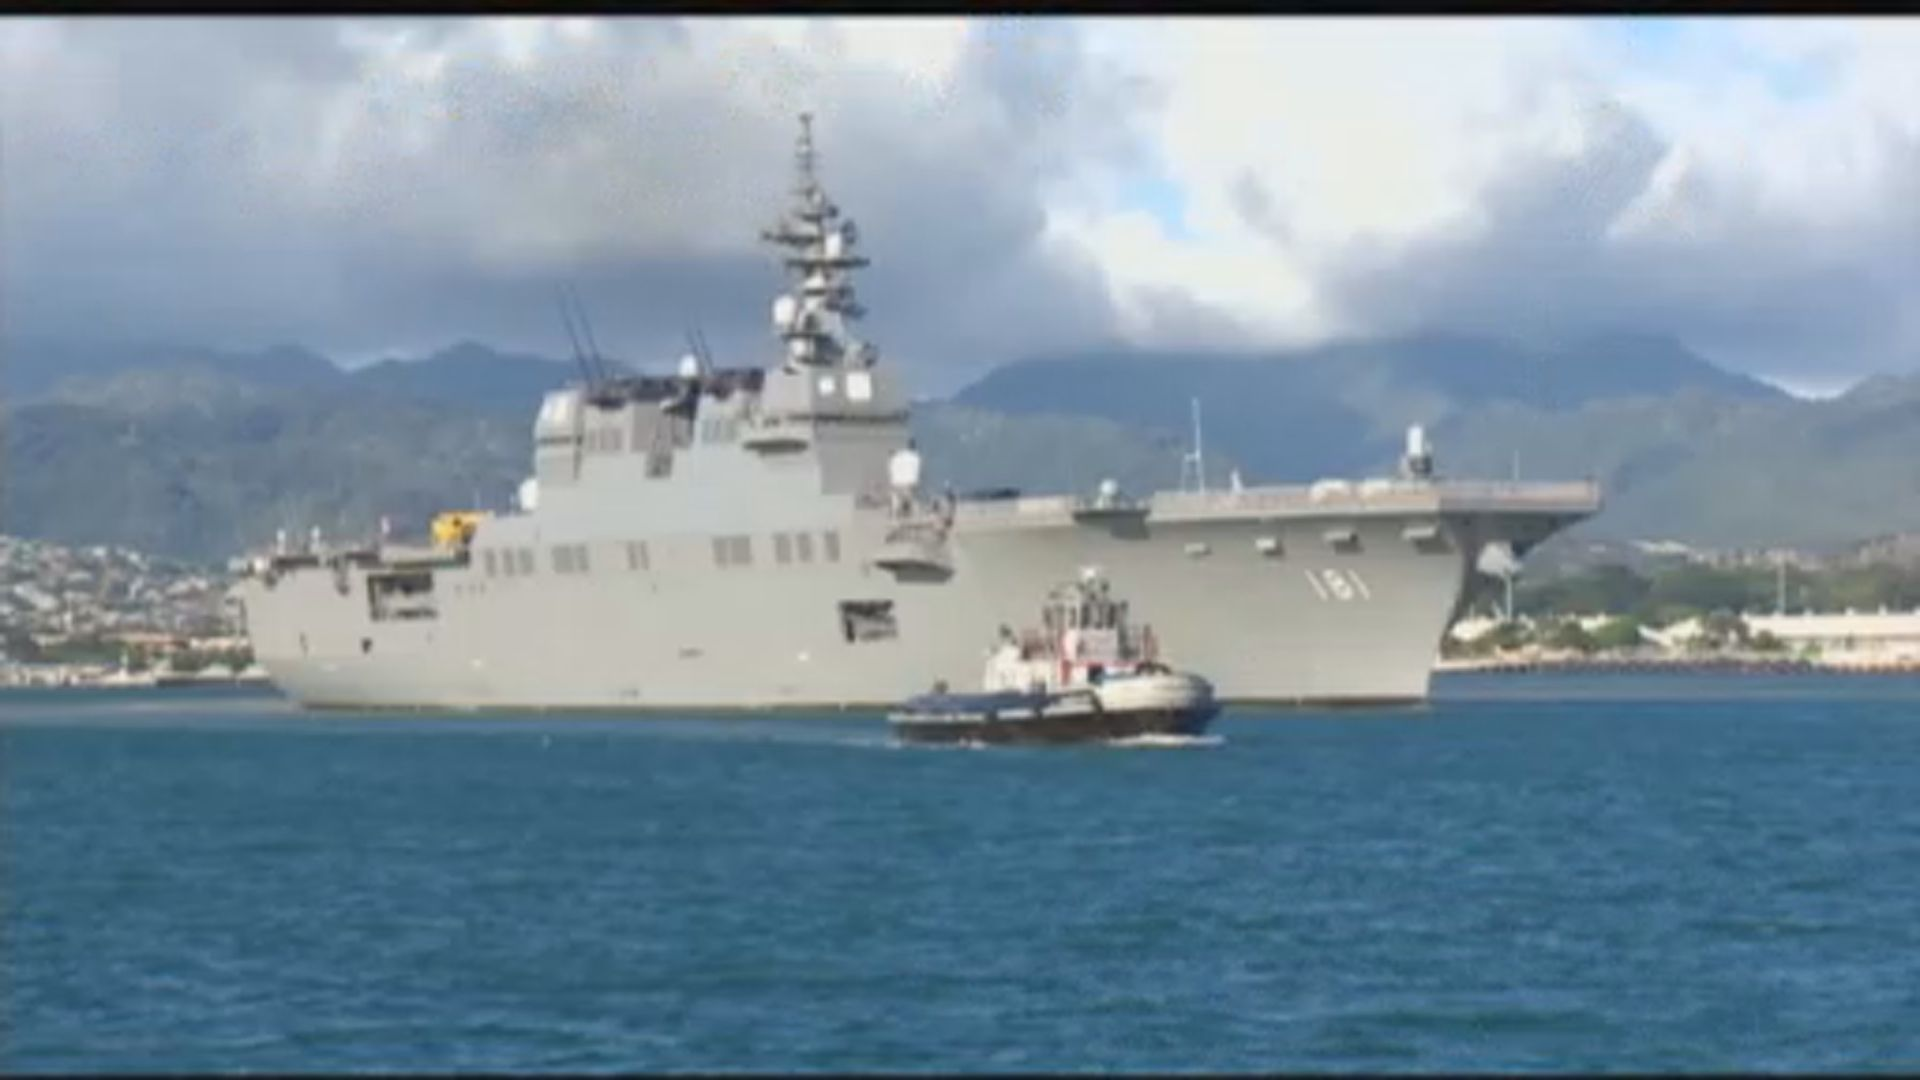 美航母前往波斯灣向伊朗展示實力